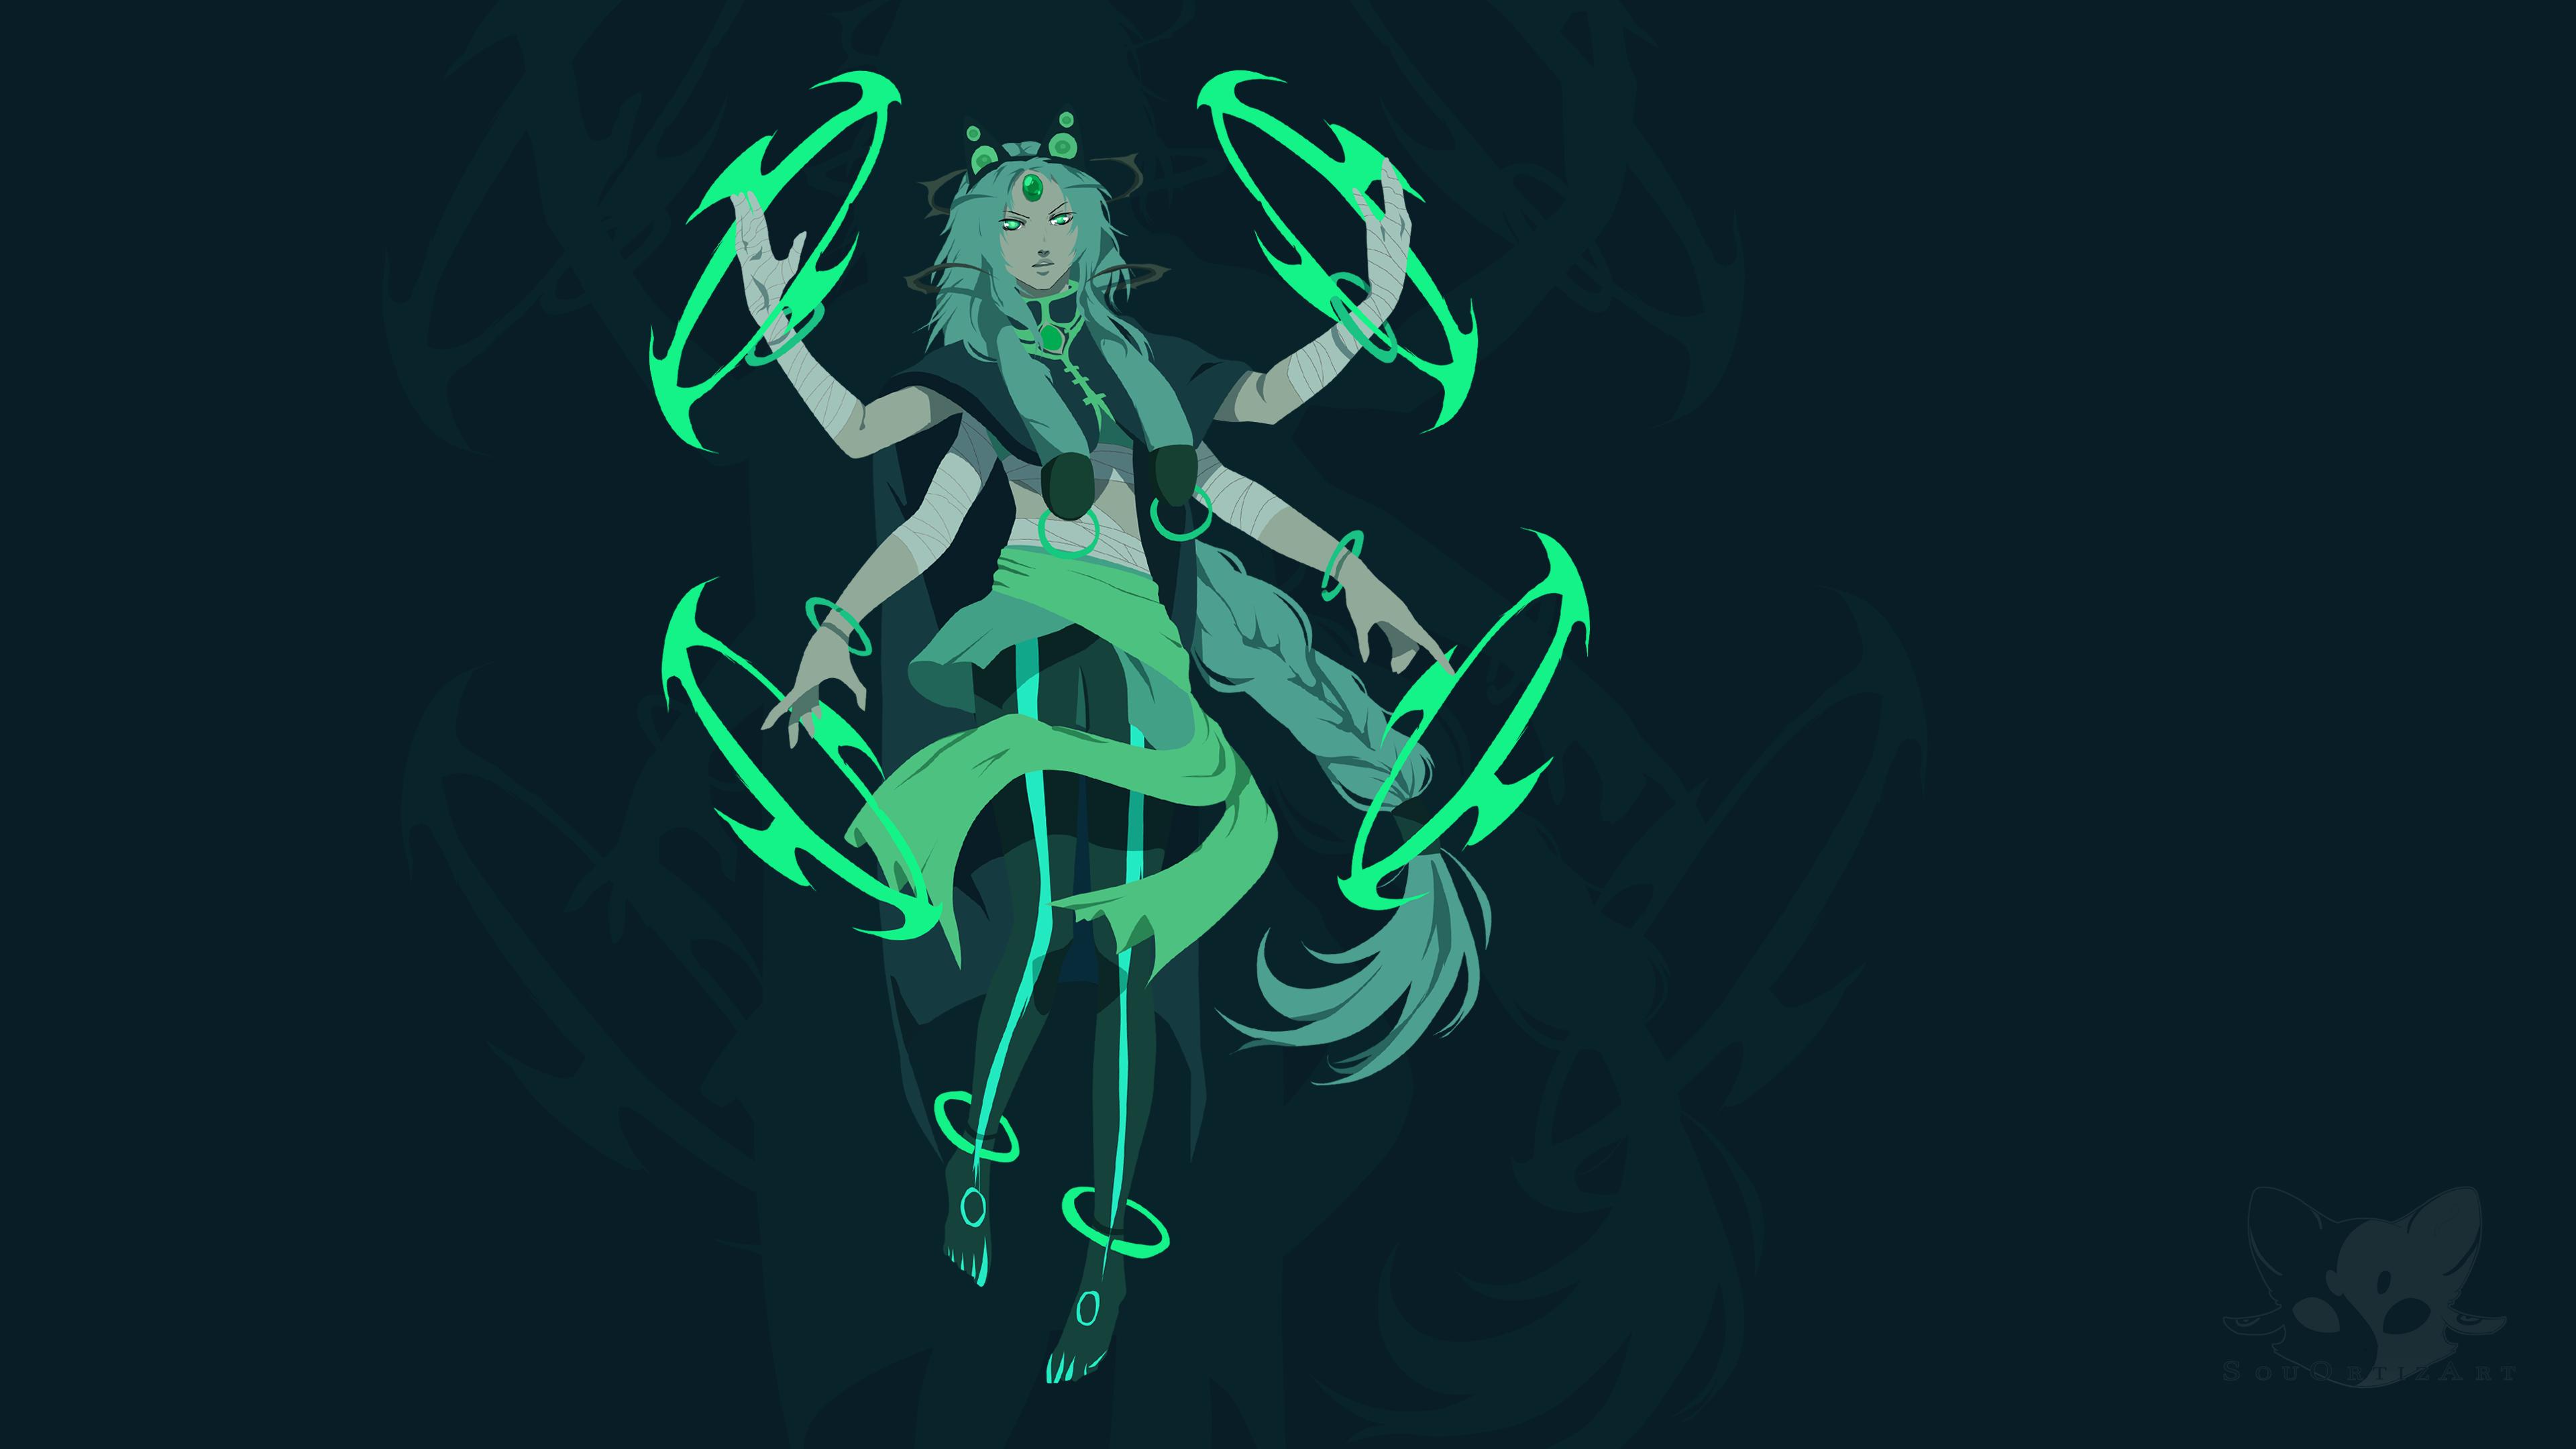 emerald_vector_4k___wallpaper_by_iamfx-d